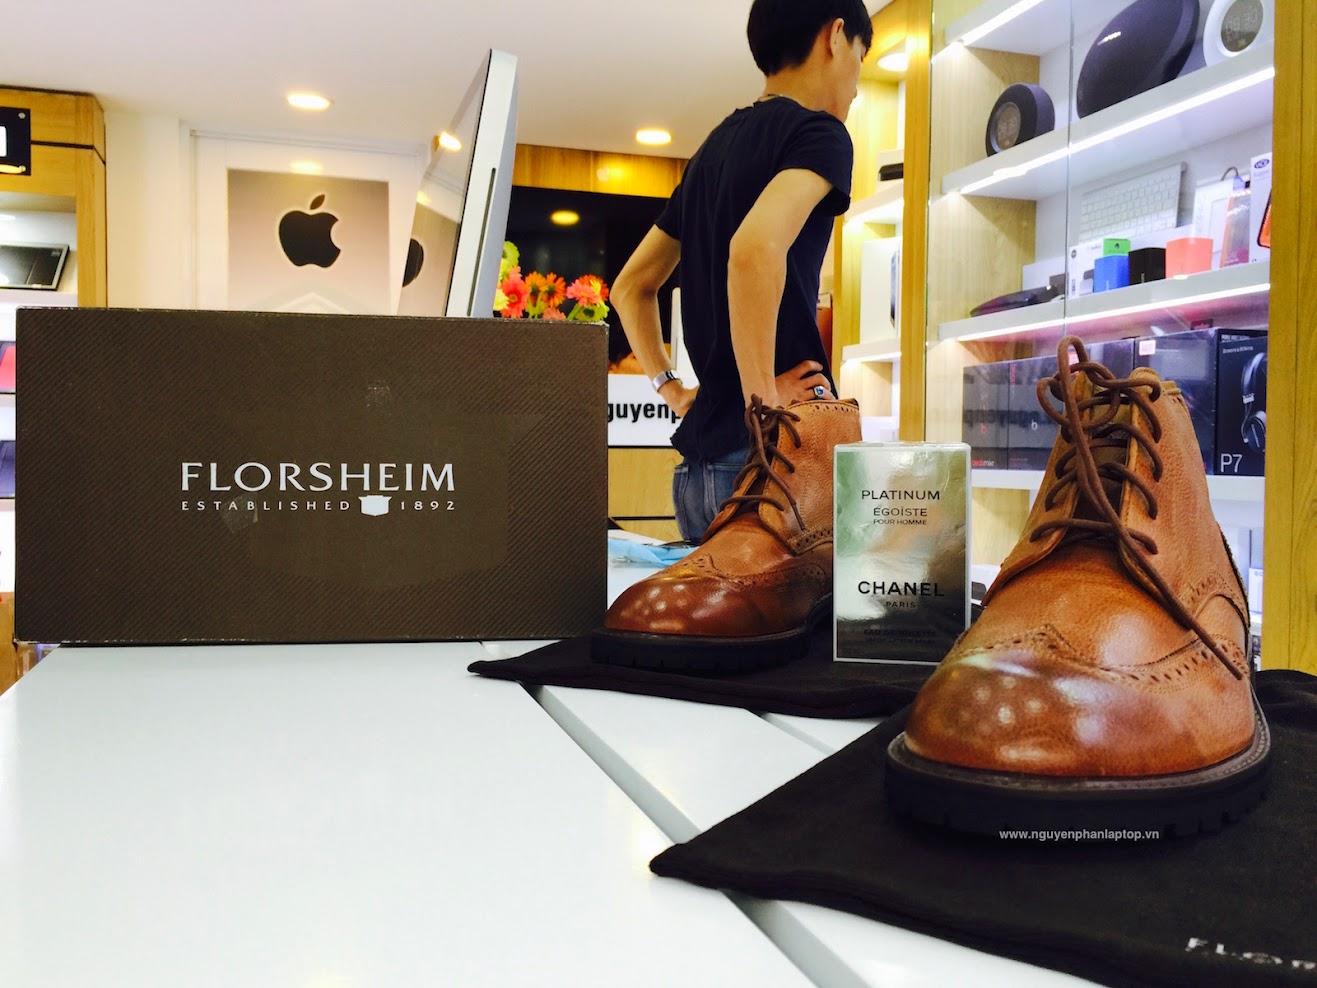 [HÀNG NHẬP MỸ] Authentic chính hãng: Dây nịt, Bóp Ví, Nước hoa, Mắt kiếng, Giày, Quần Áo…